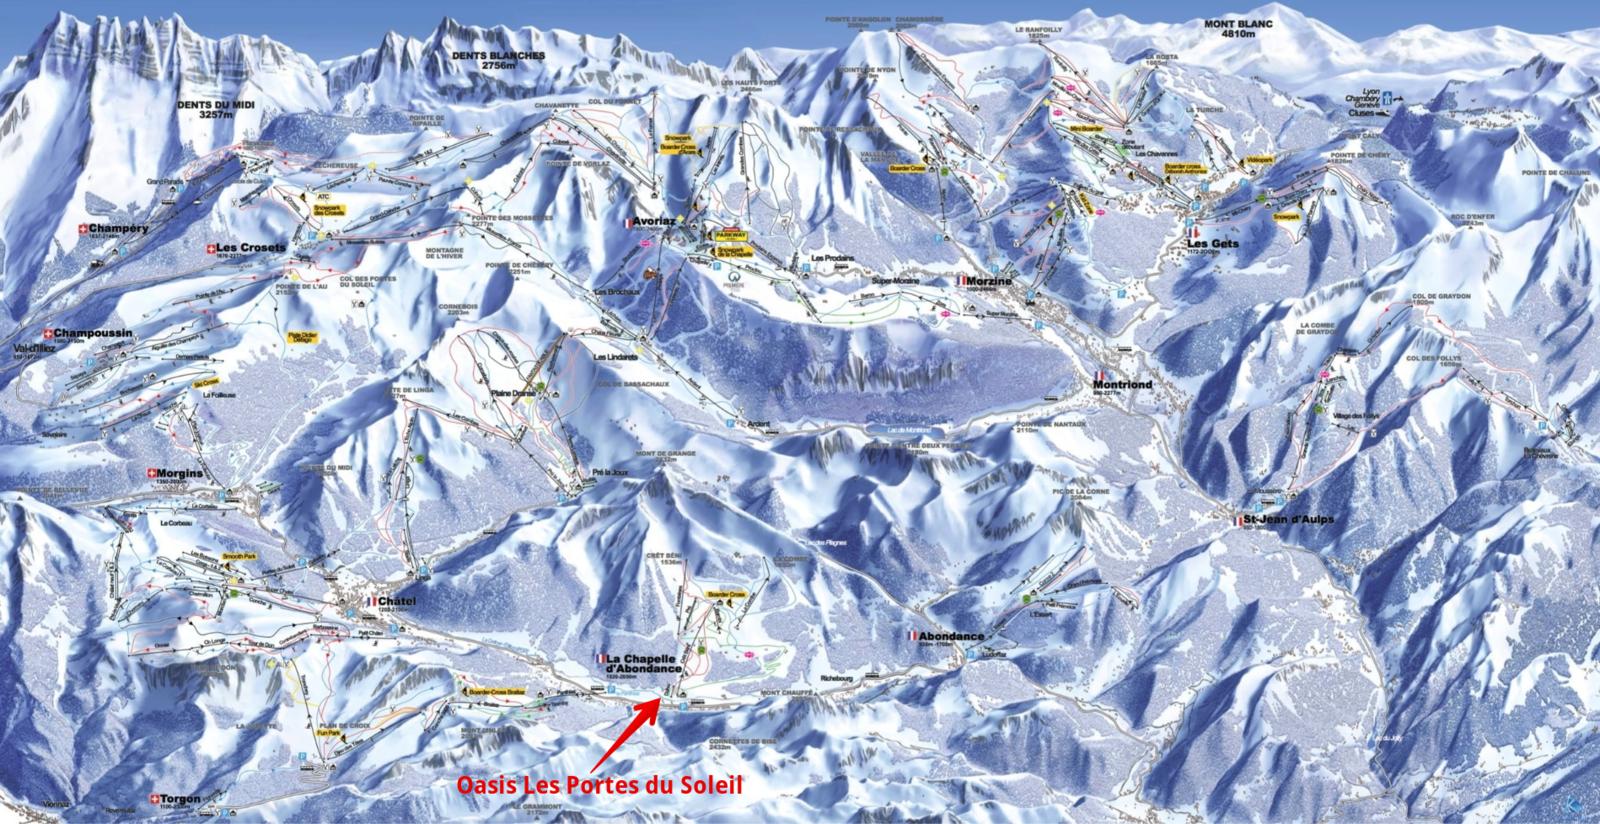 Carte du domaine skiable des Portes du Soleil